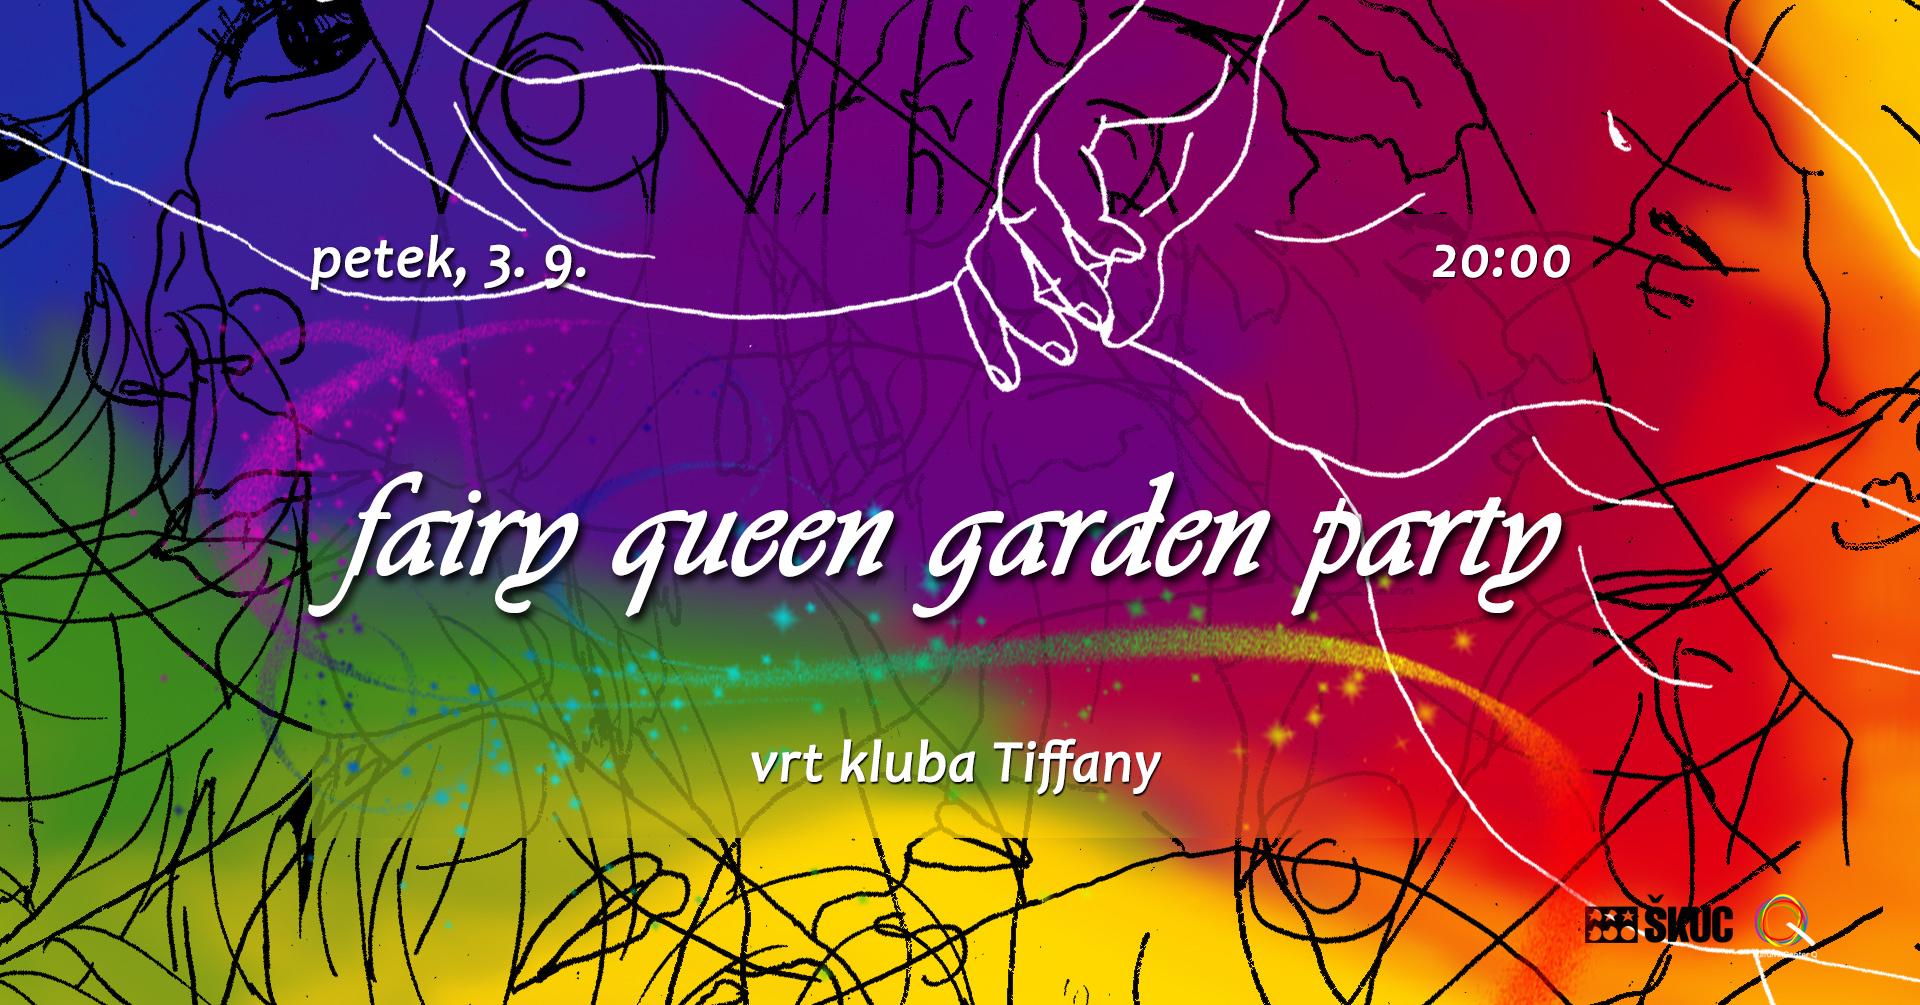 fairy queen garden party 3.9.